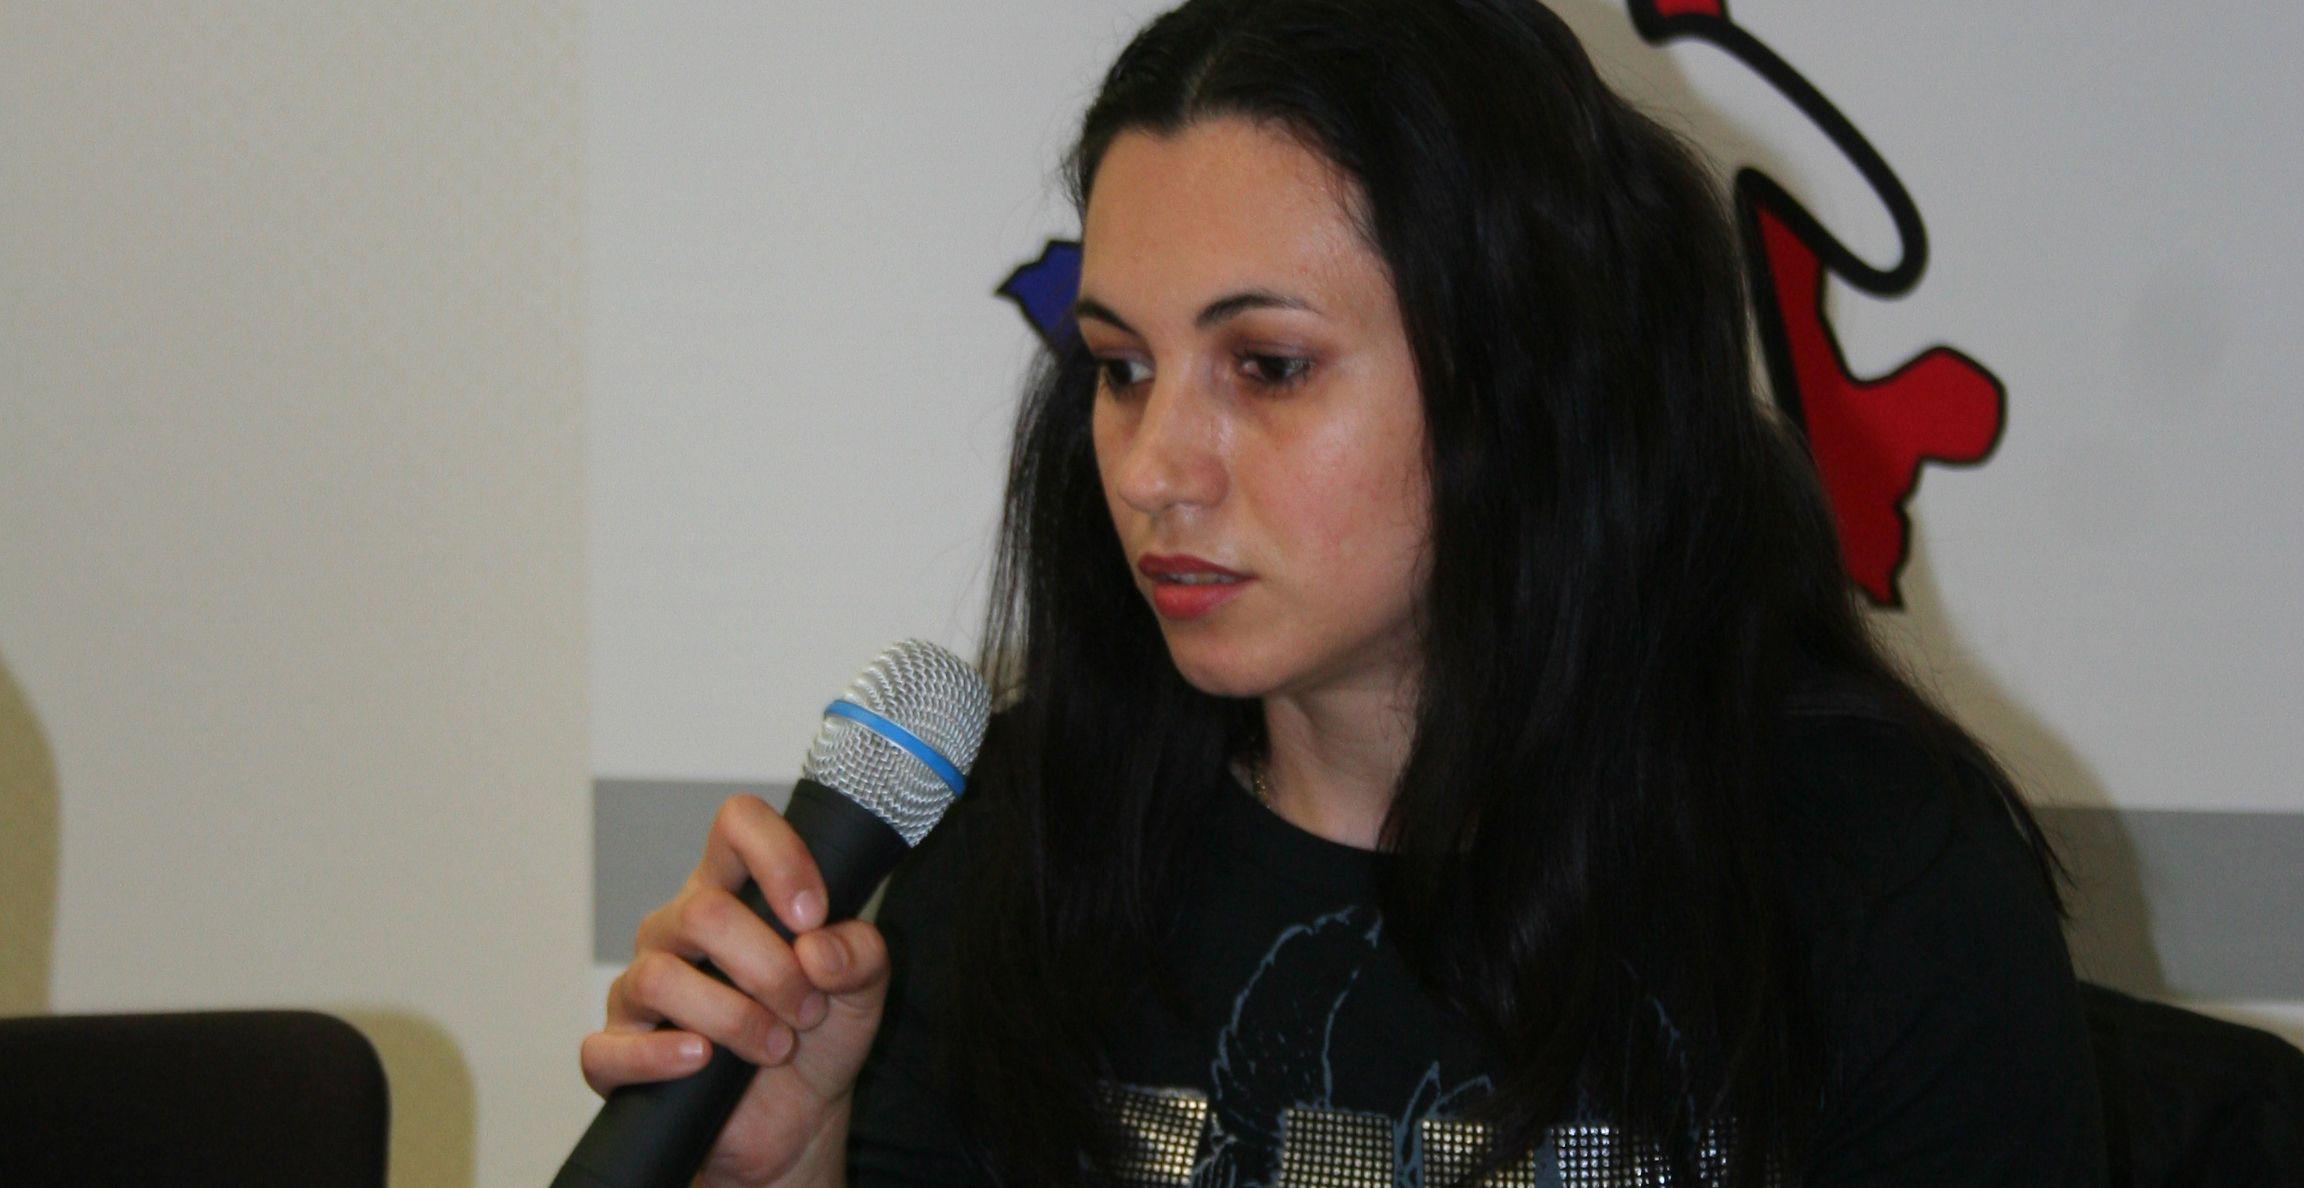 """Calvarul hemofilicilor români: """"Sângele i s-a scurs aproape tot. Mi-au spus ca mai trăiește o oră"""""""